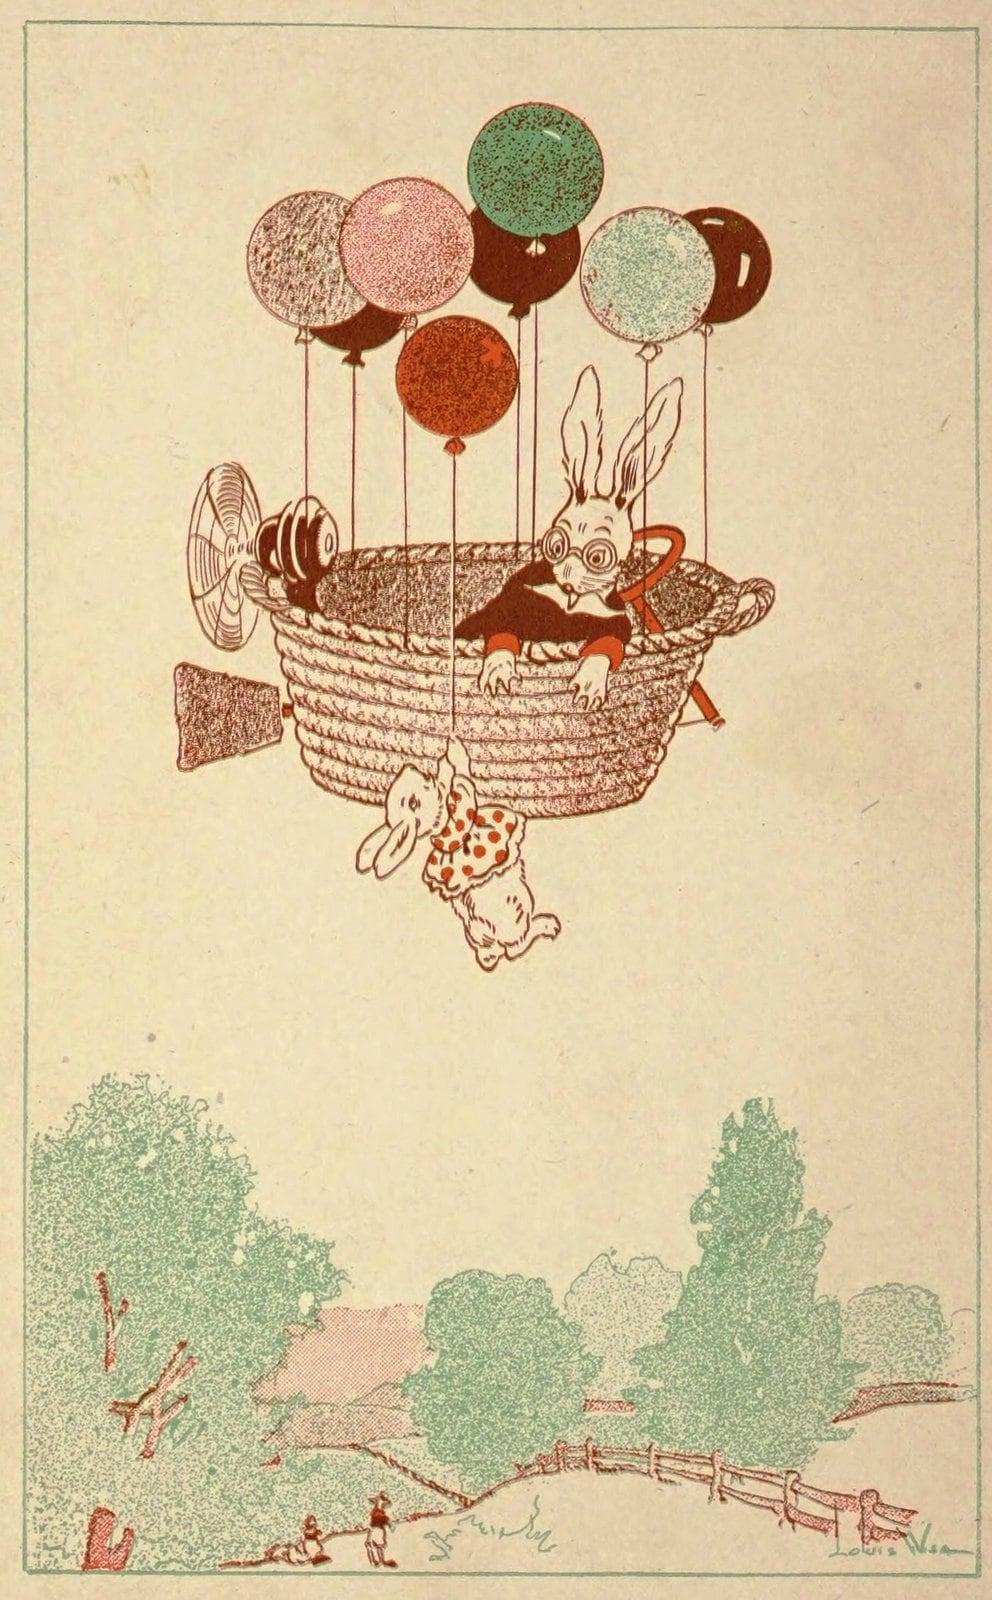 Vintage Uncle Wiggily book illustration